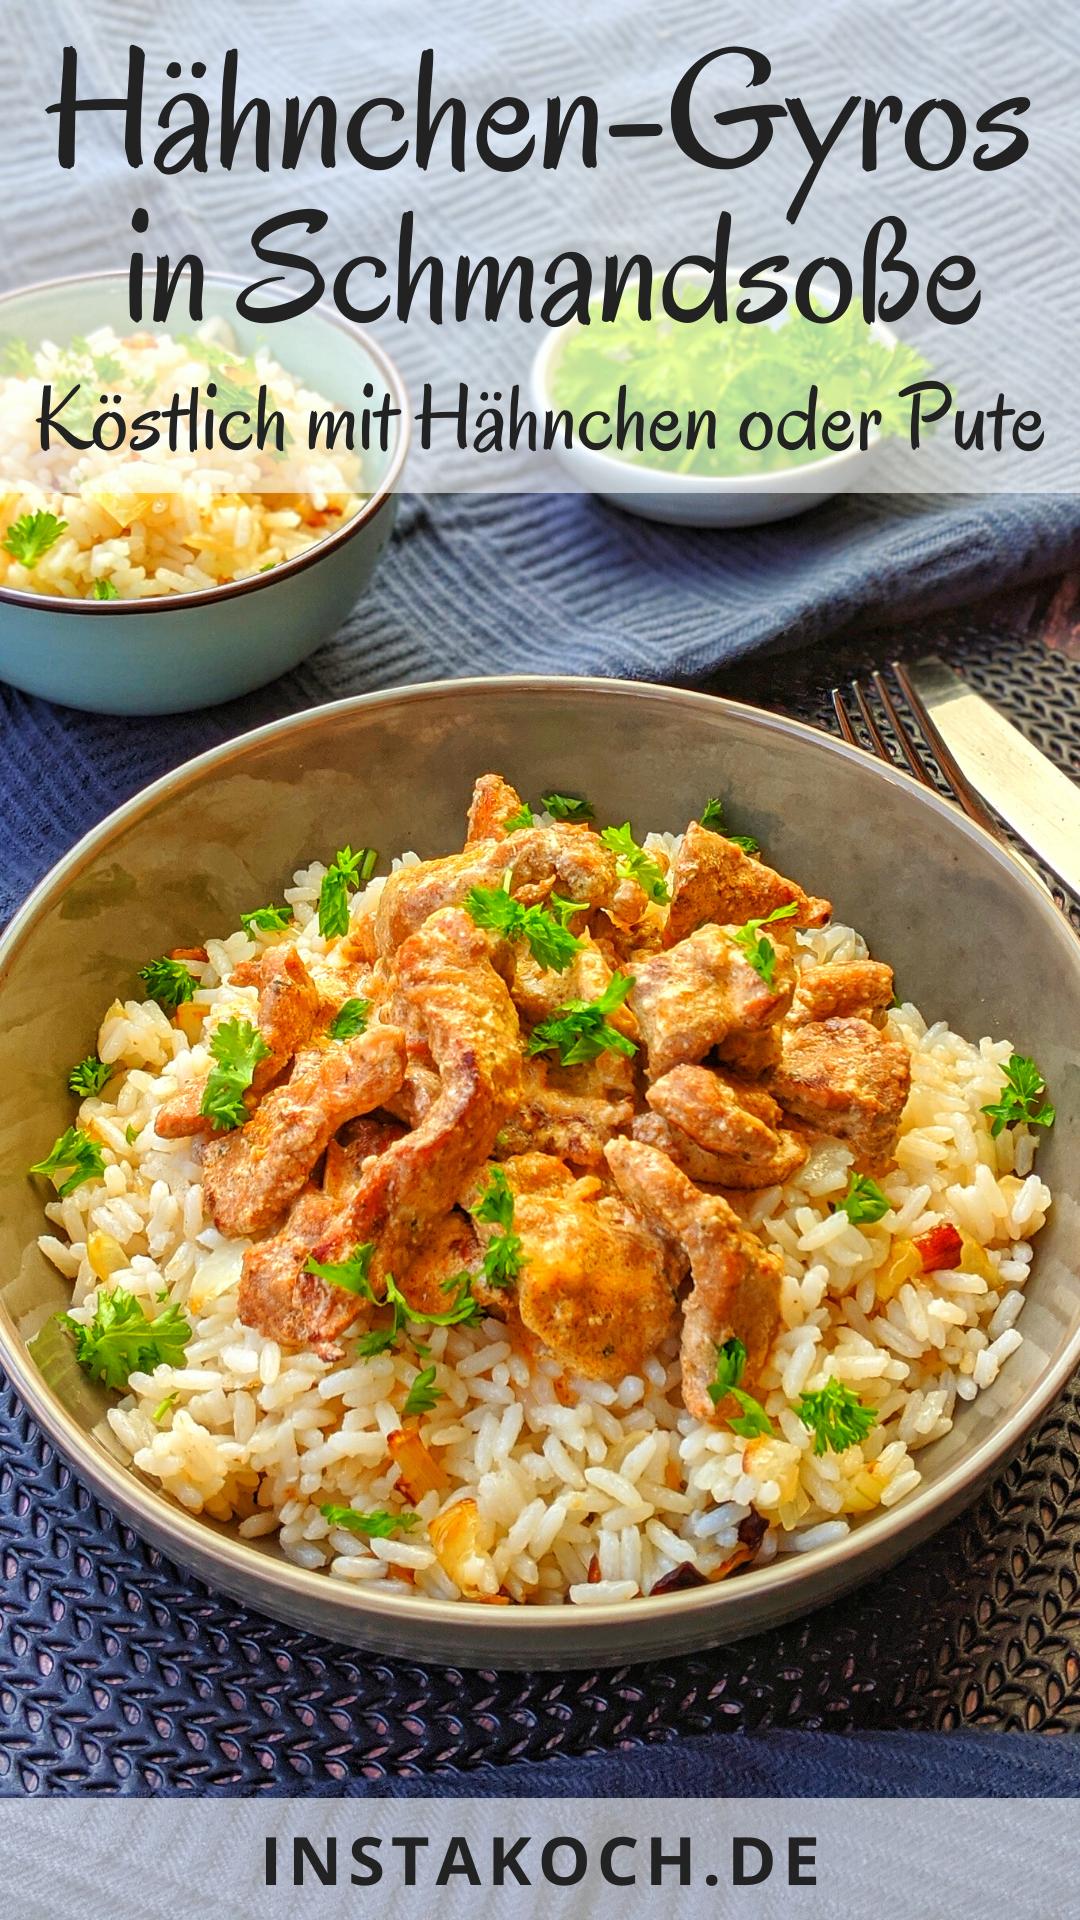 Gyros-Geschnetzeltes in Schmand Soße mit Reis ist ein einfaches Rezept, das jeder nachkochen kann. Es schmeckt super lecker und ist schnell zubereitet. Mit Hähnchen oder Pute ein echter Genuss. Gesund und lecker zuhause kochen. #gyros #gyrosgeschnetzeltes #huhn #geflügel #pute #putengeschnetzeltes #hähnchengeschnetzeltes #kochrezept #familienessen #kinderessen